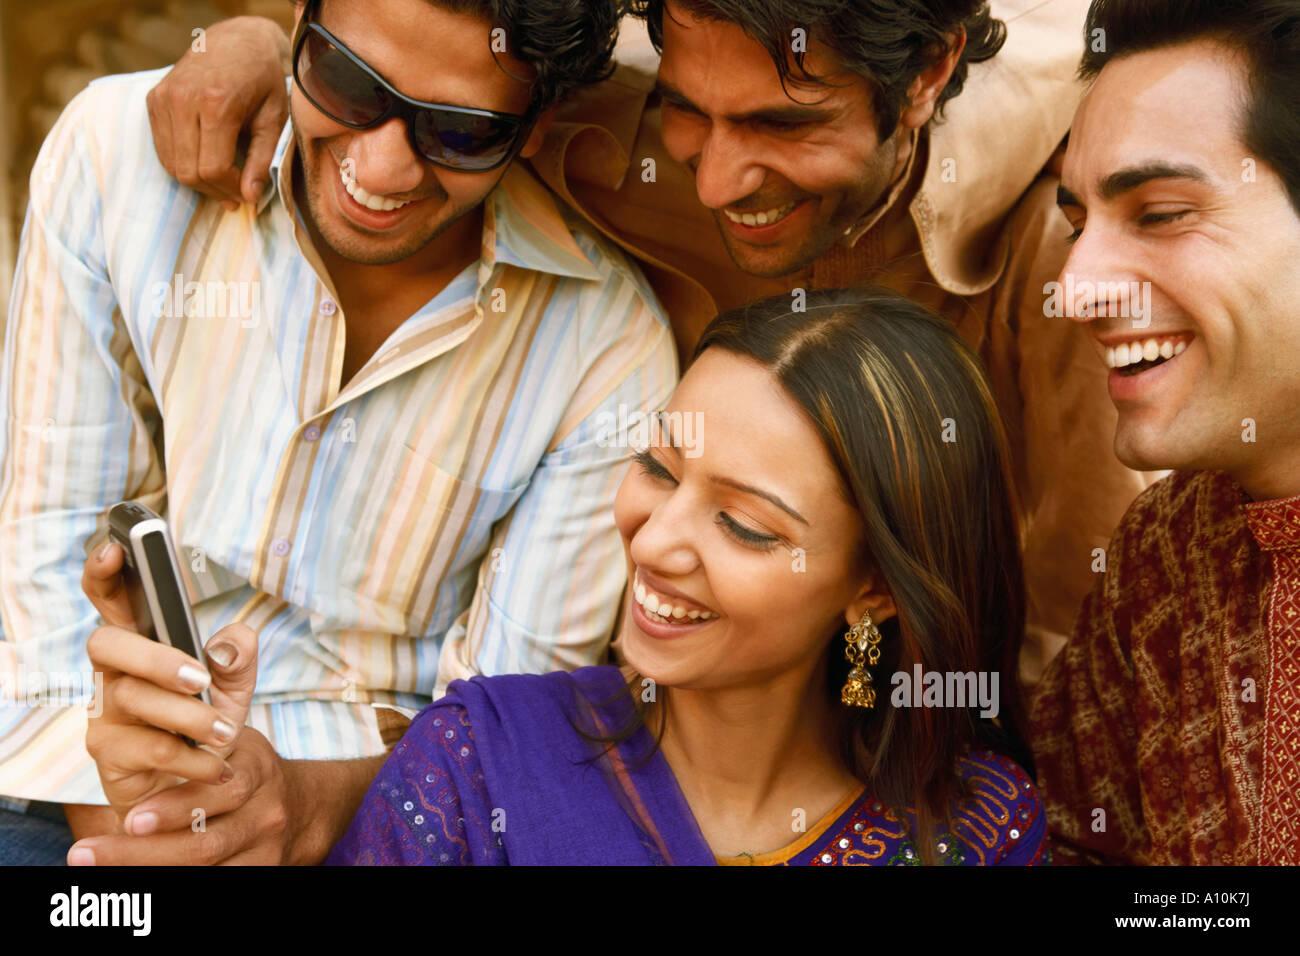 Nahaufnahme von drei junge Männer und eine junge Frau mit Blick auf ein Mobiltelefon und lächelnd, Agra, Stockbild